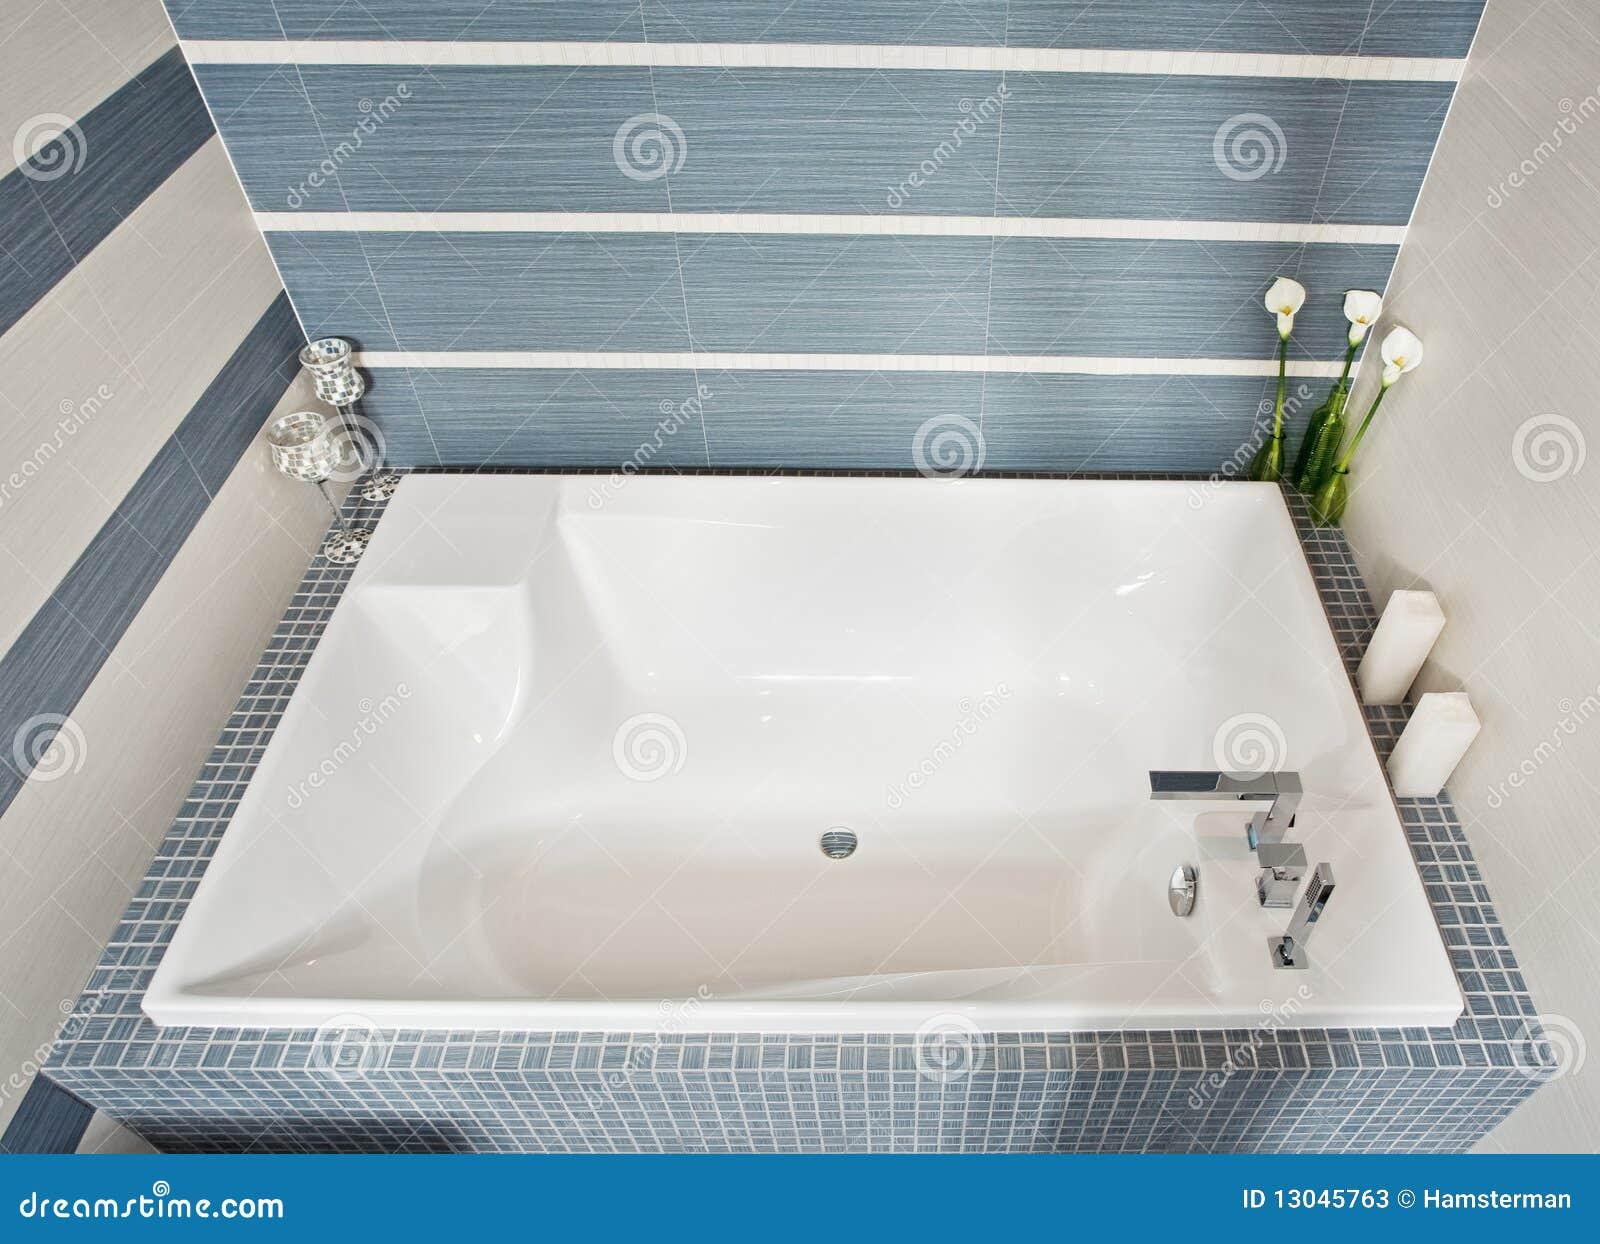 modern bath tub modern bathroom with rectangular bath tub bathroom with rectangular bath tub stock image of